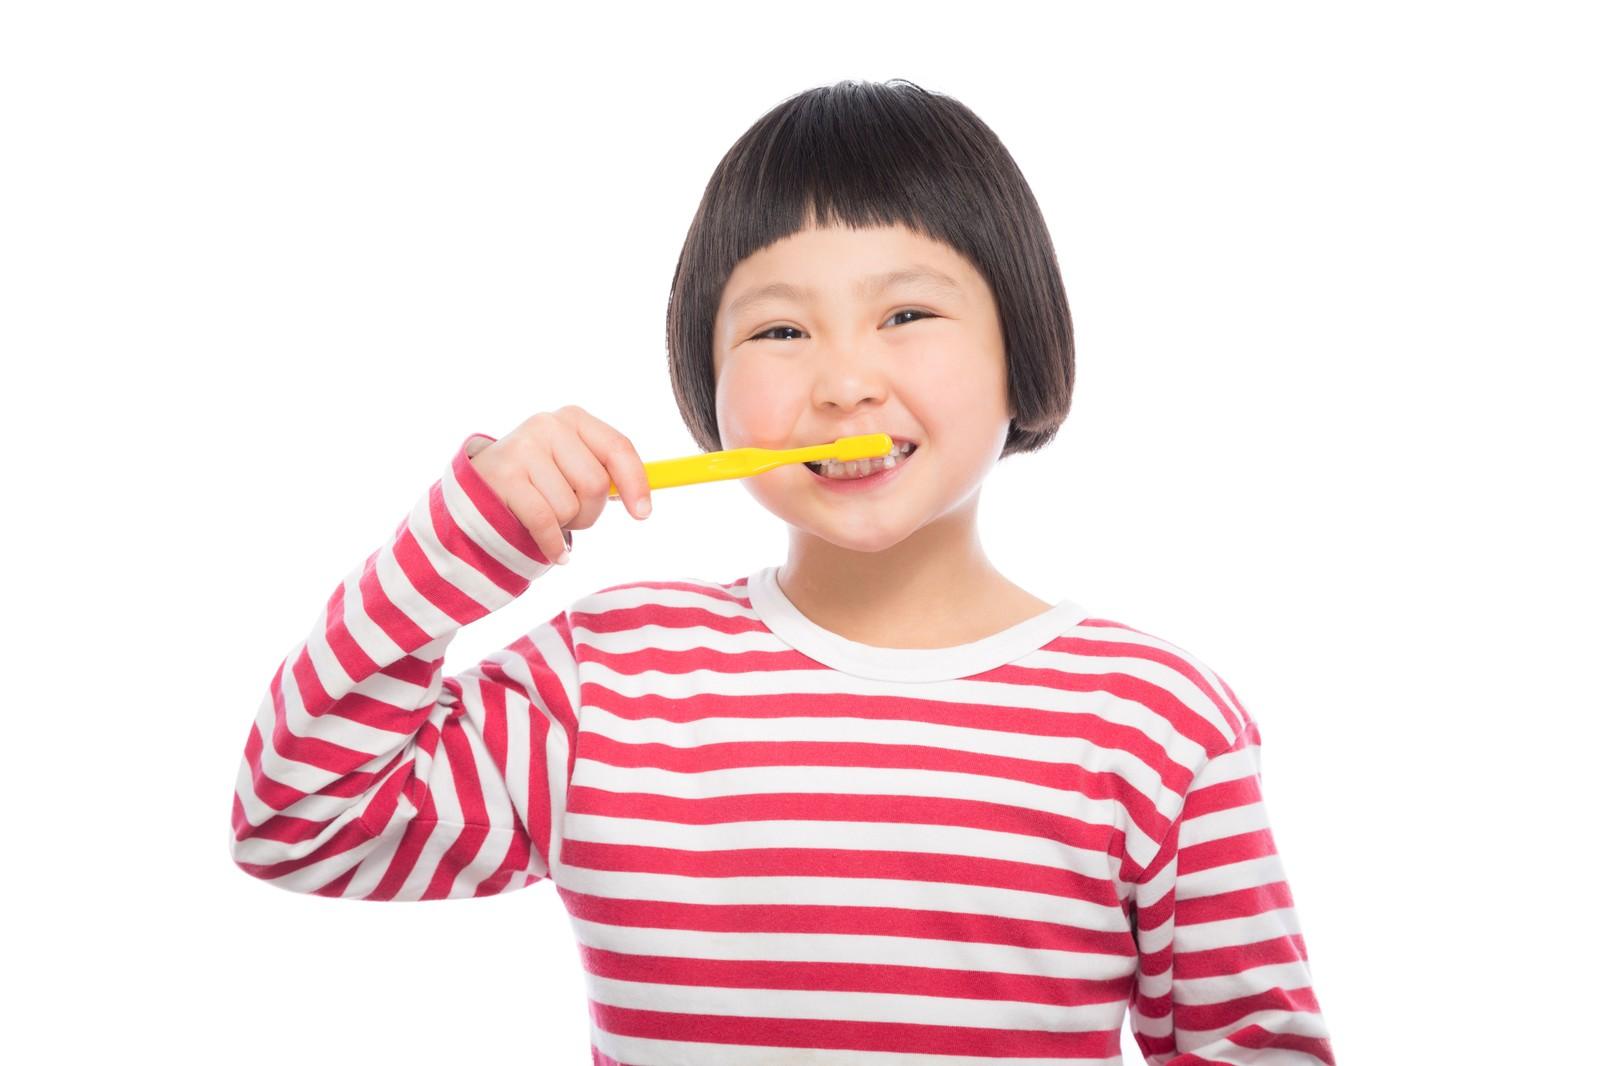 キレイになりたい!50代(大人・高齢)の歯列矯正治療は可能か?(現在進行形⑥)矯正2か月で歯並び改善のきざし!